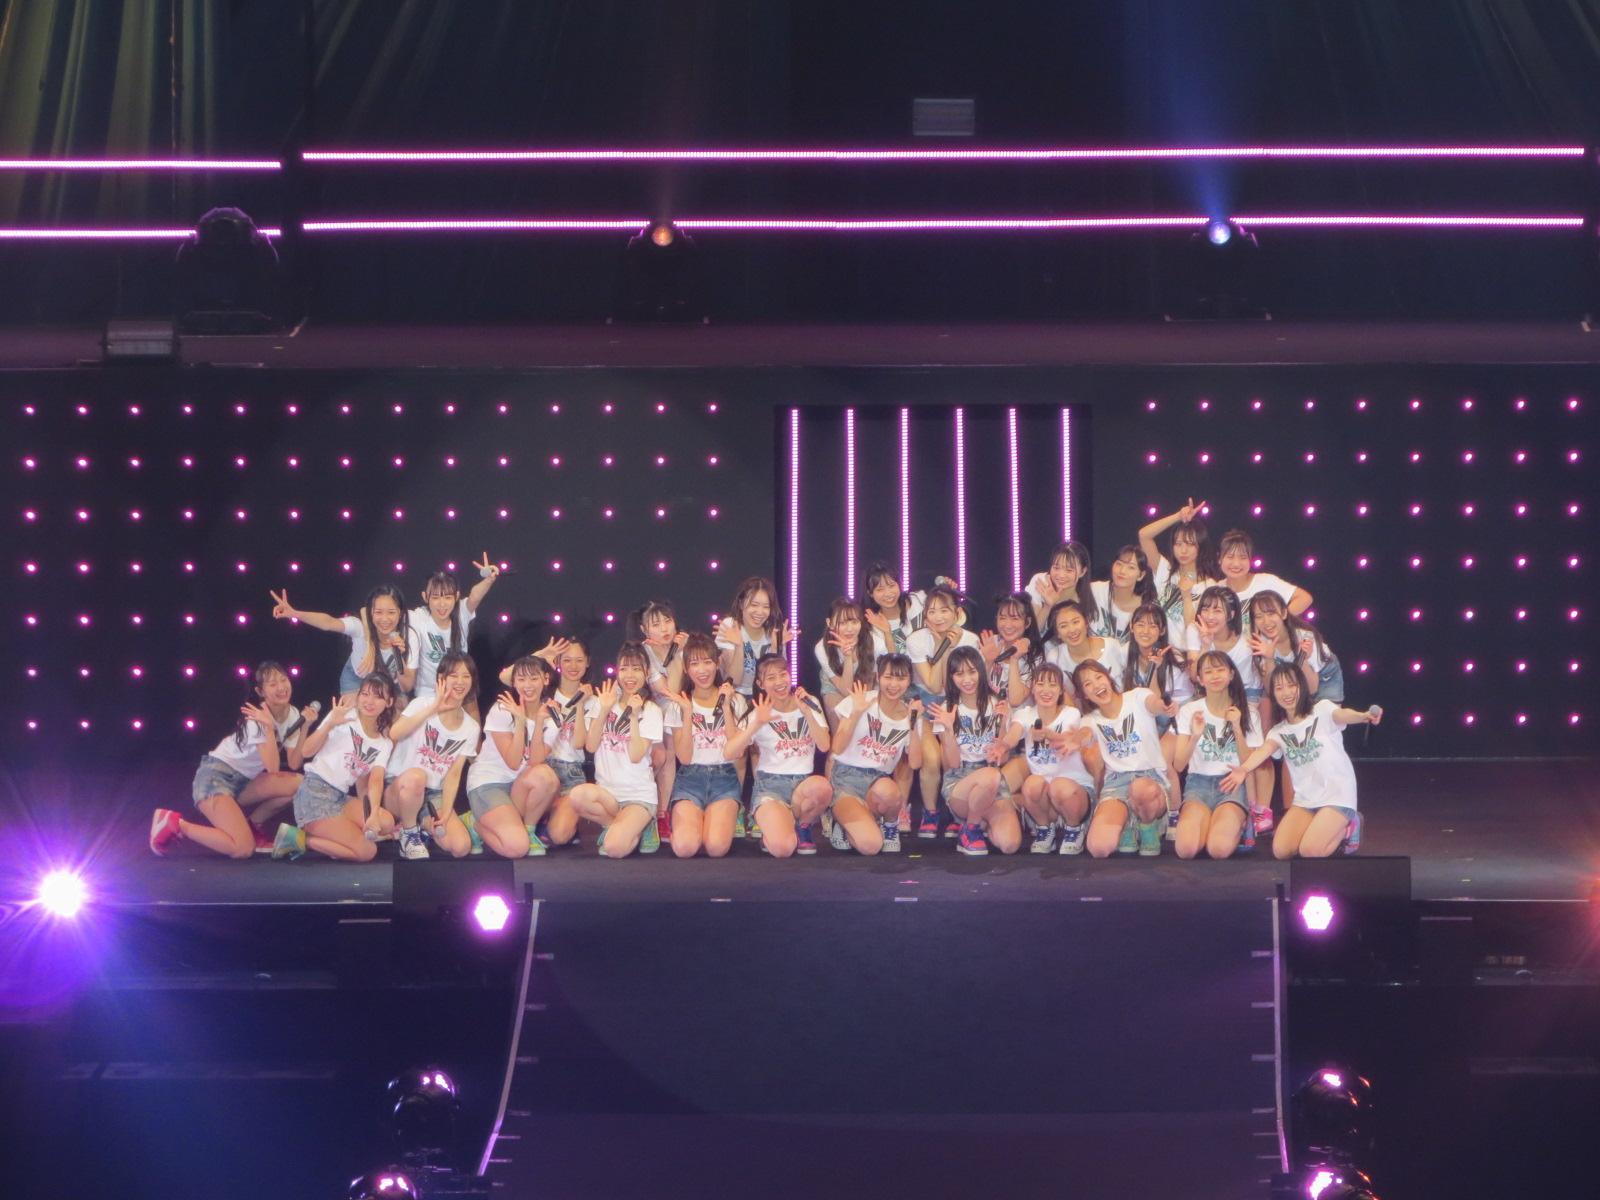 【NMB48】NMB48 次世代コンサート ~戦わな次世代ちゃうやろっ!~・セットリストとライブ画像